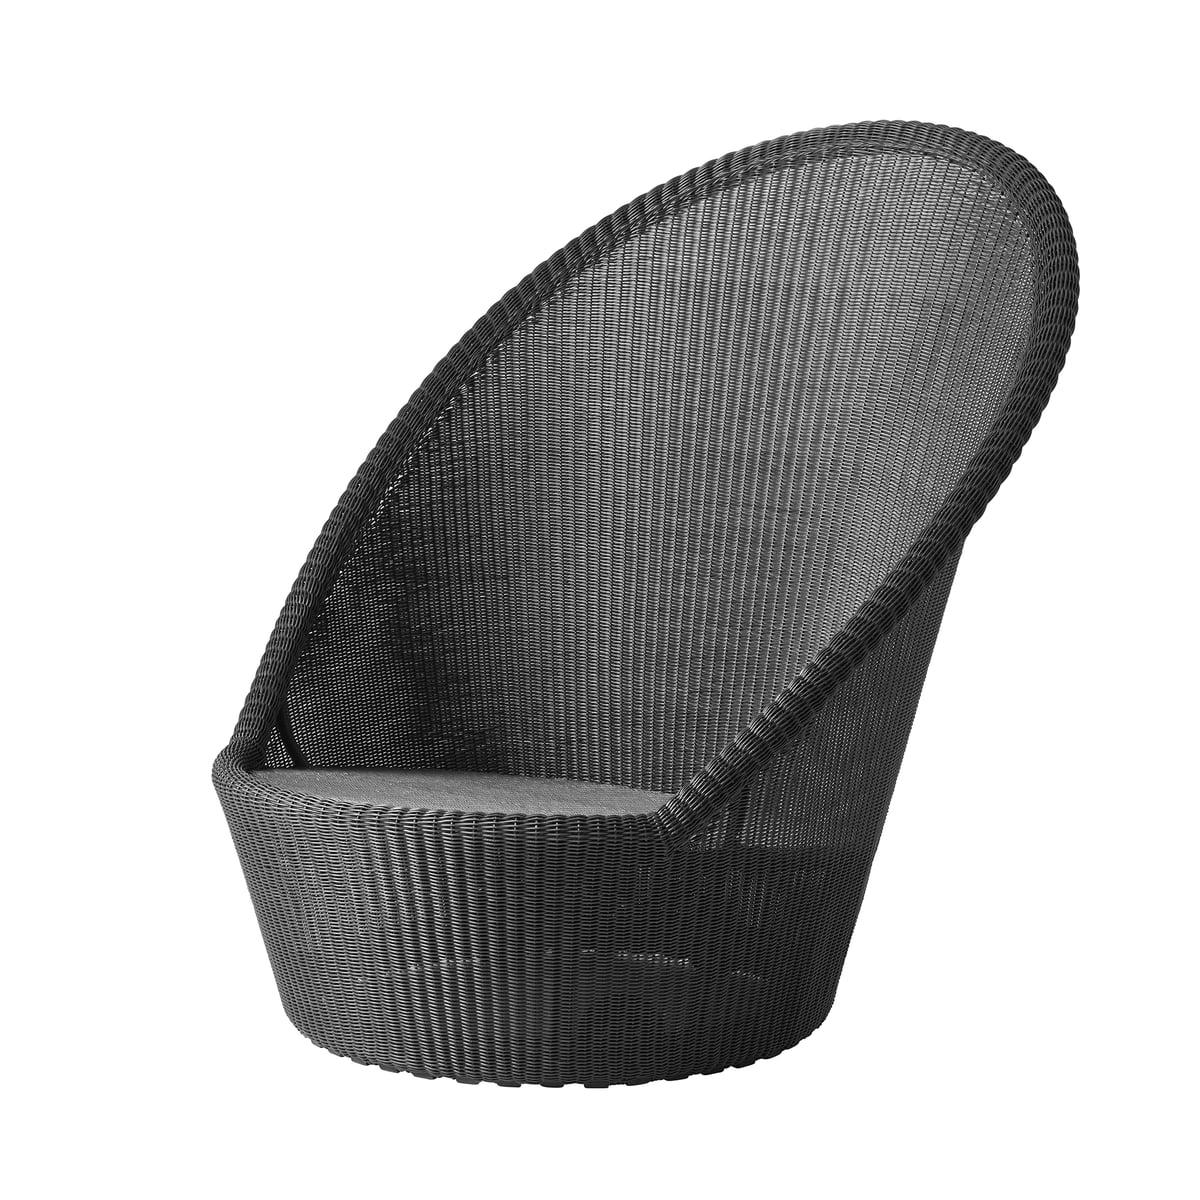 Cane-line - Kingston Sunchair mit Rädern (5448), graphit